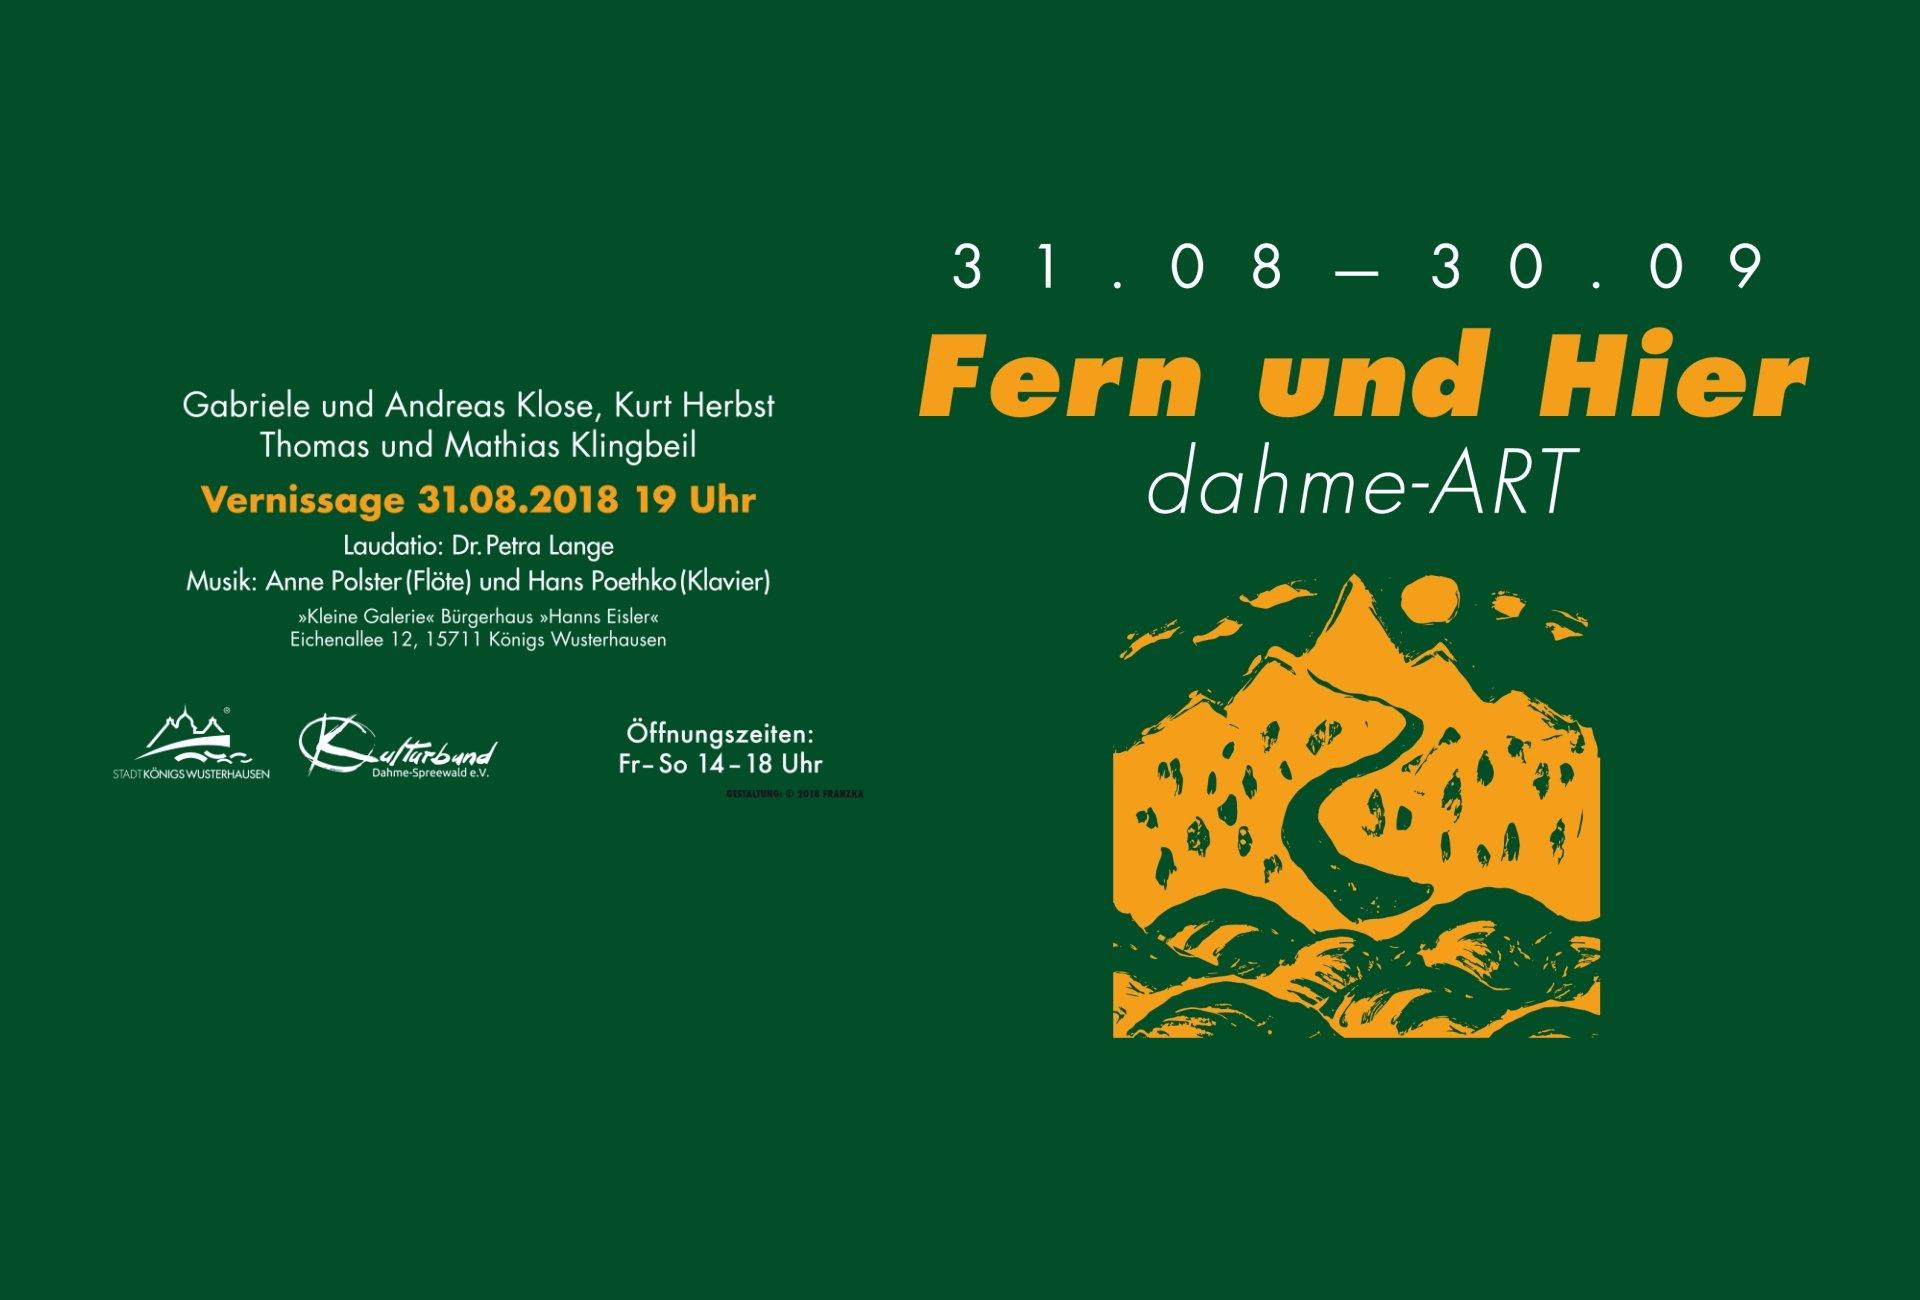 """Werkausstellung """"FERN und HIER – dahme-ART."""""""